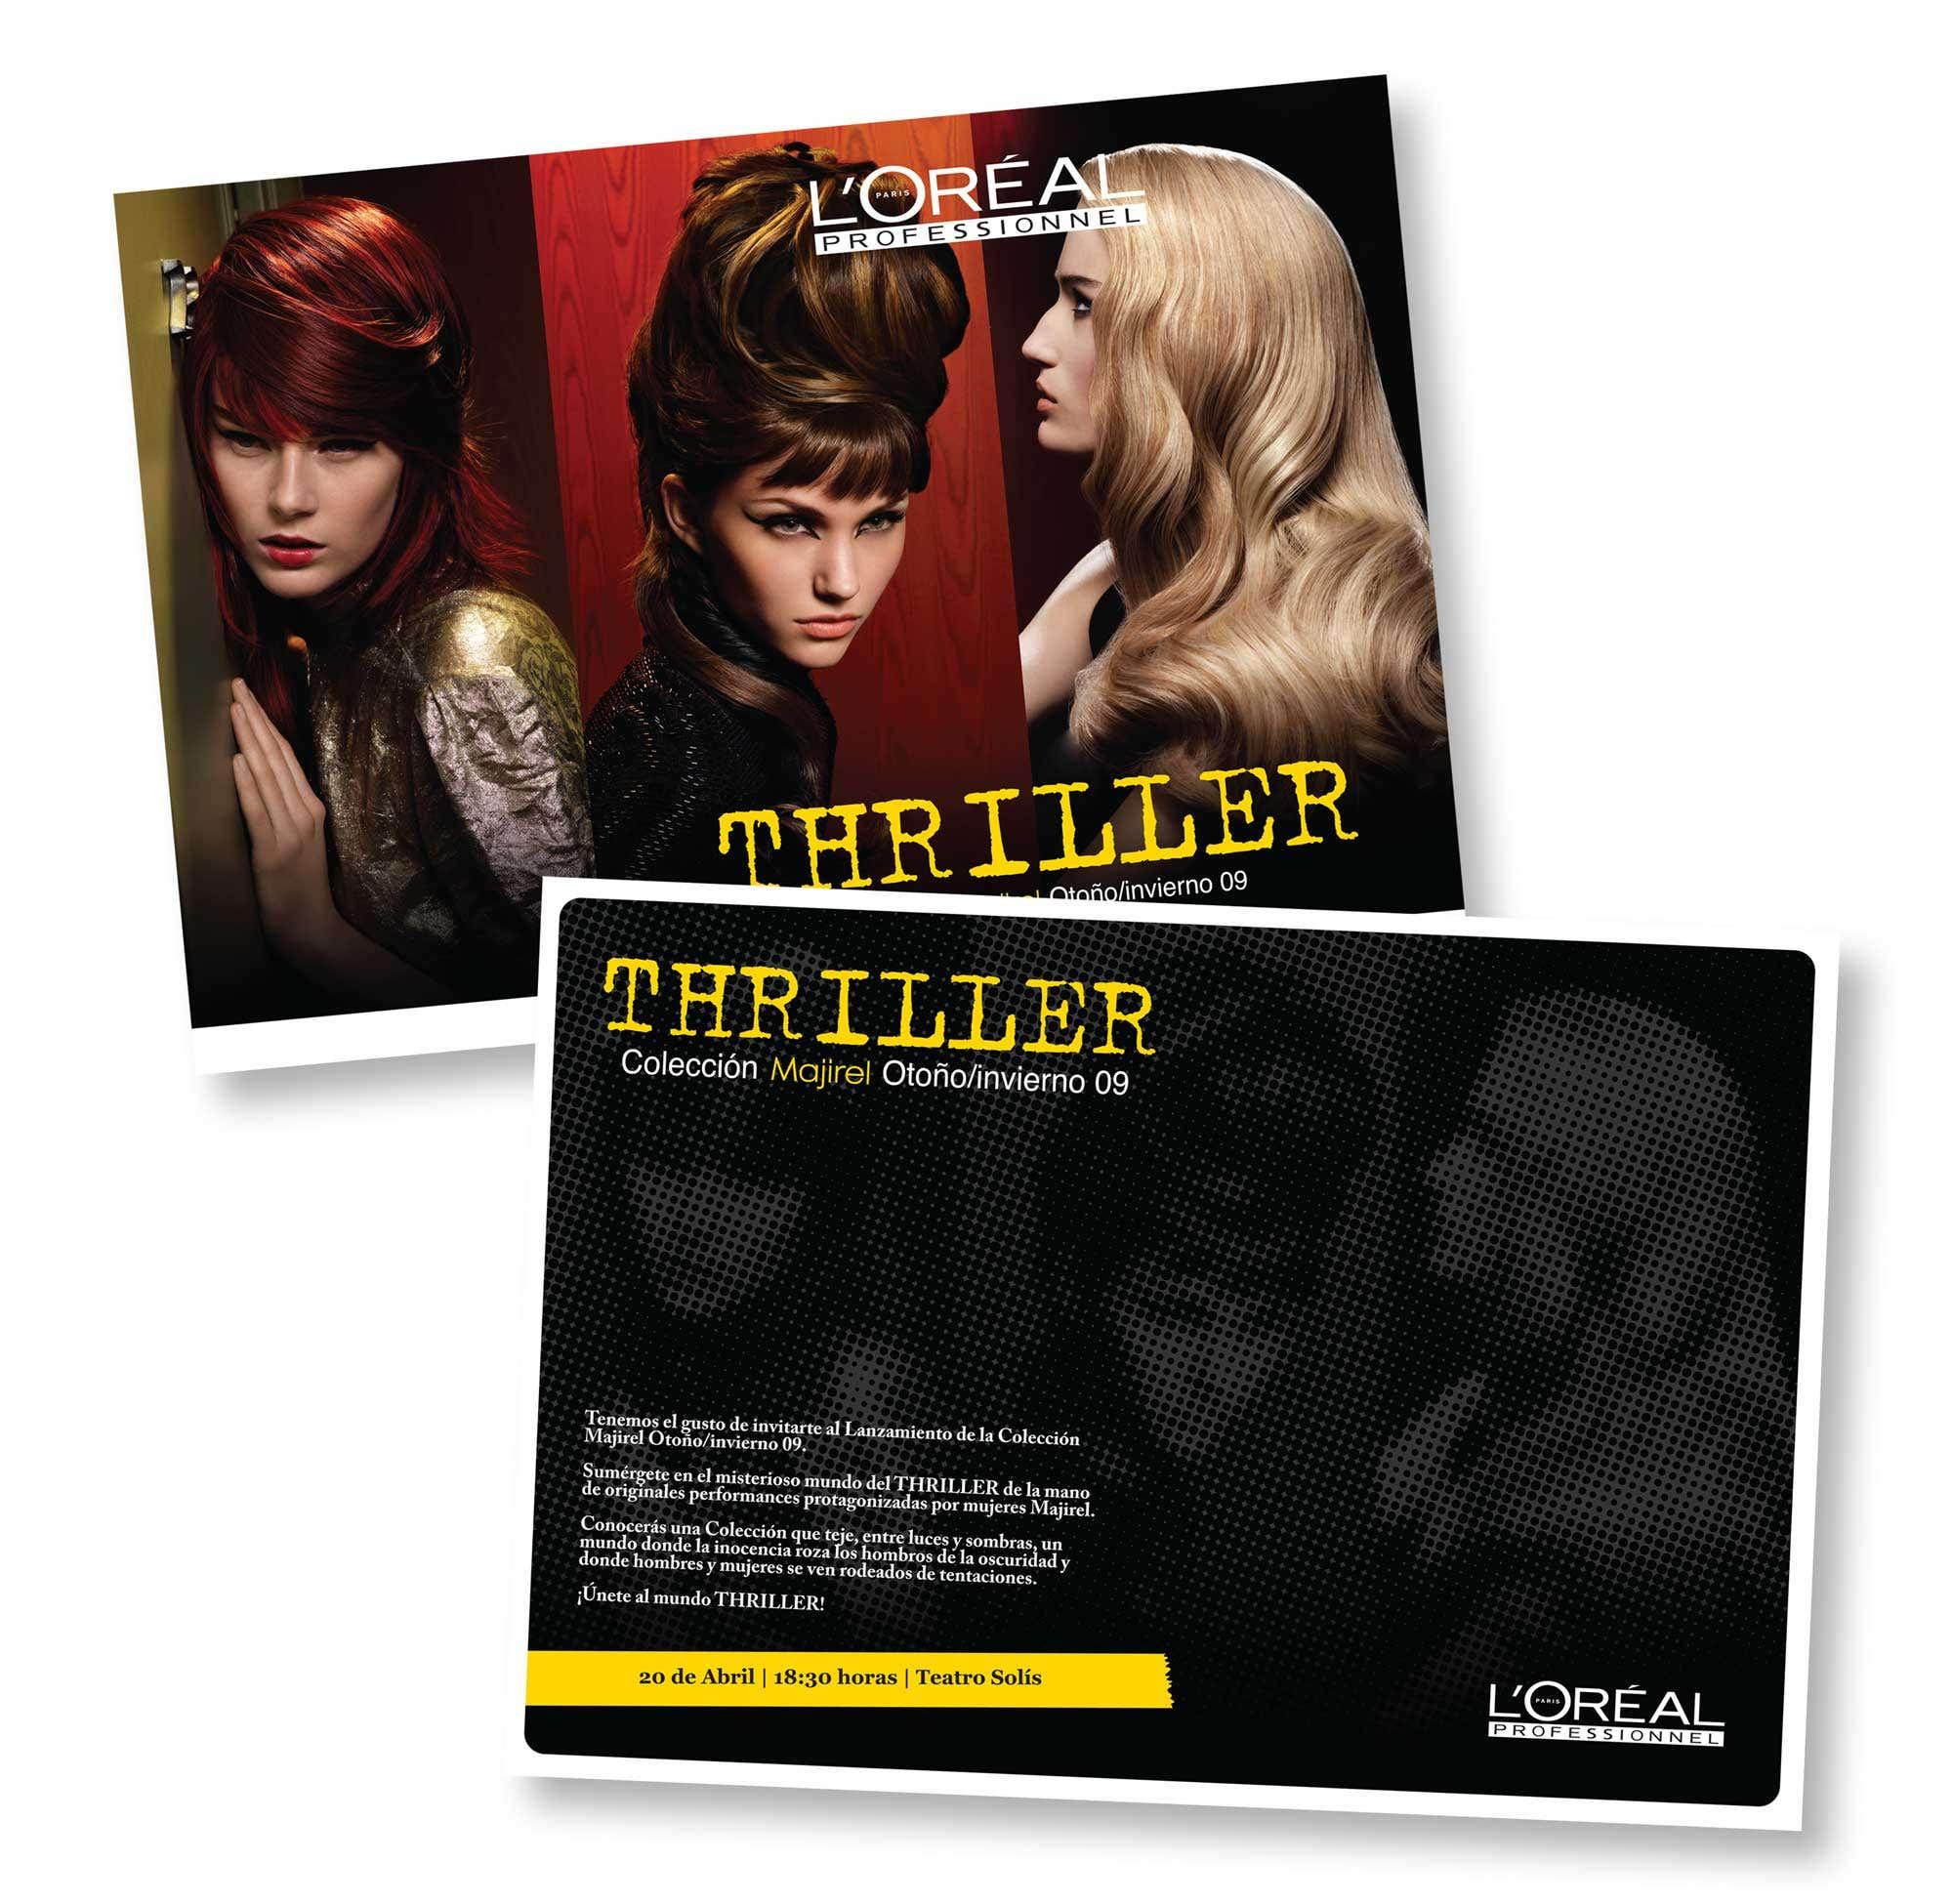 Boreal - Invitación Evento Lanzamiento Thriller